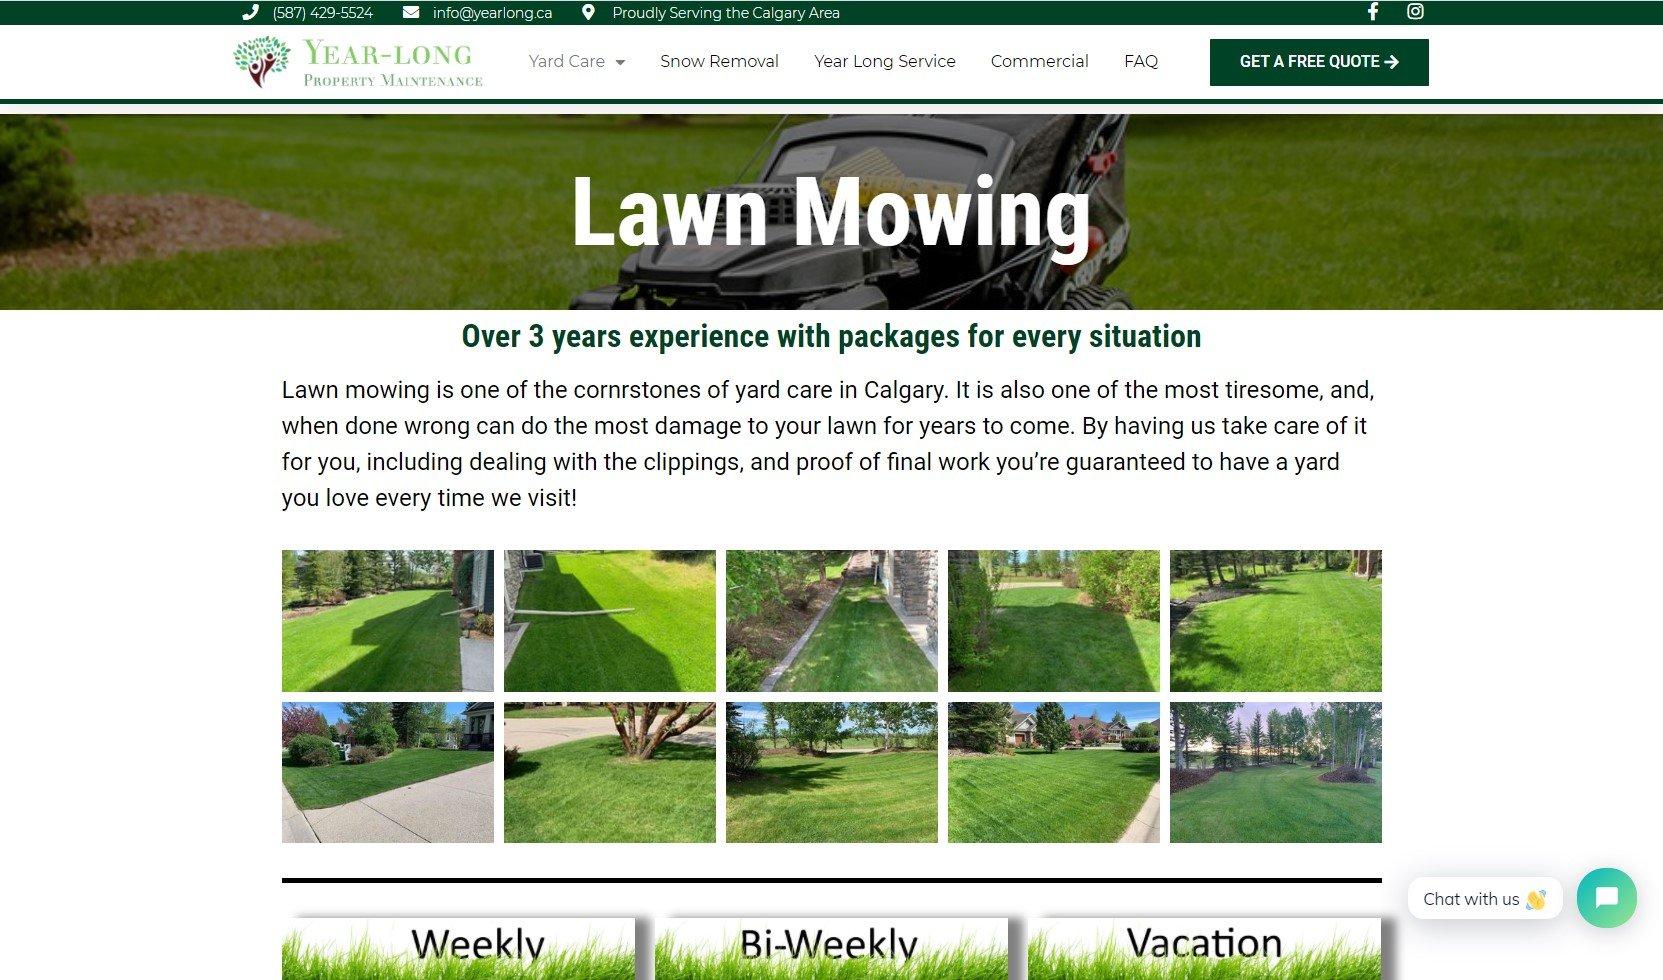 Yearlong Lawn Mowing Screenshot